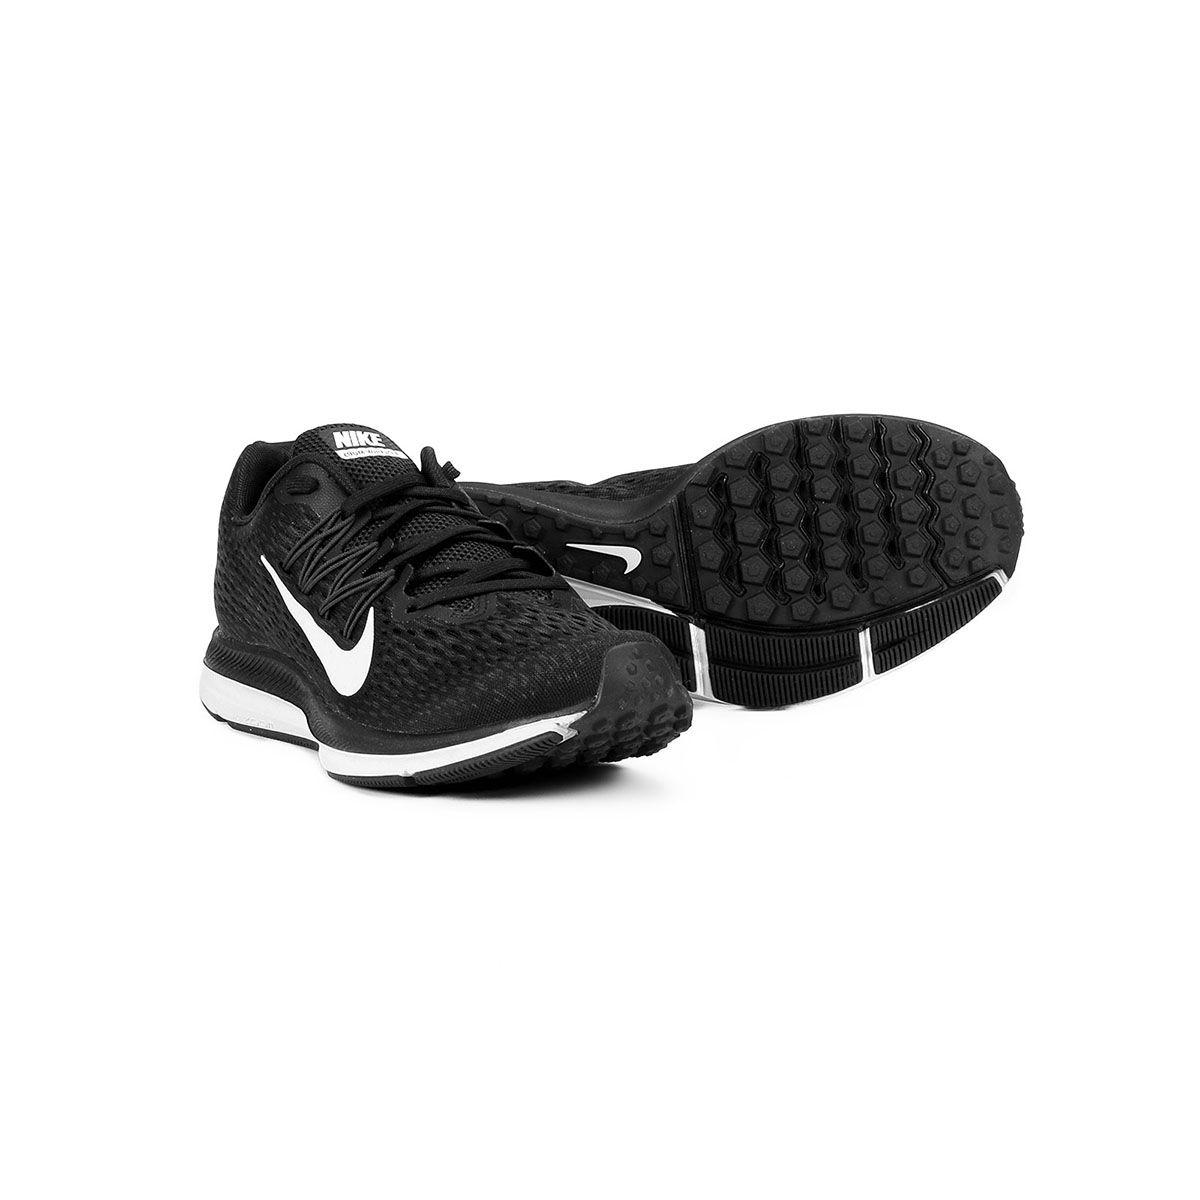 Tênis Nike Zoom Winflo 5 Masculino